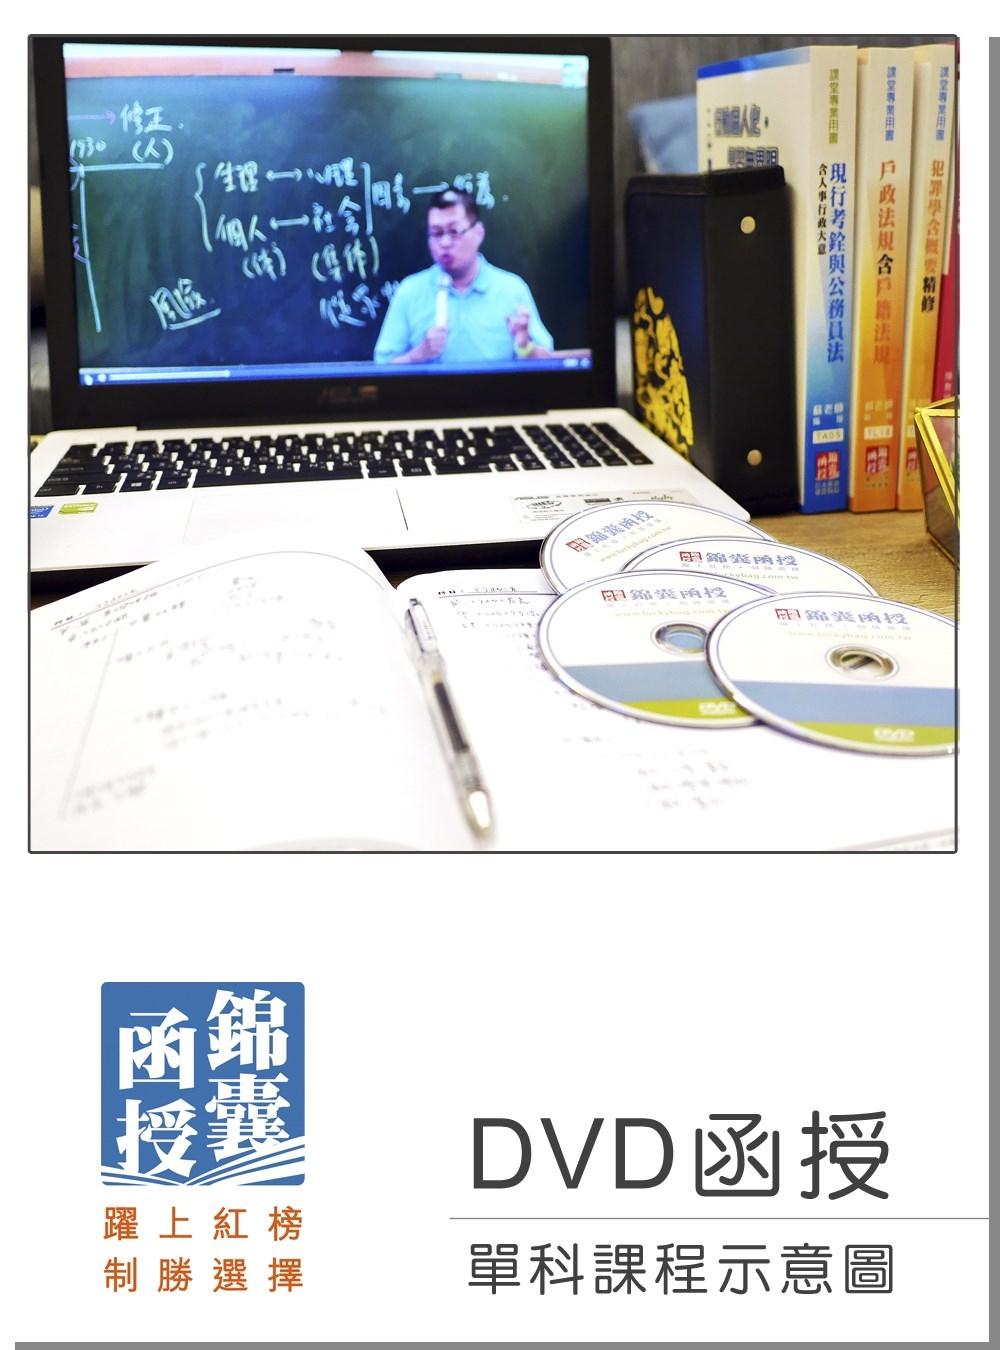 【DVD函授】導遊領隊實務(二):單科課程(107版)